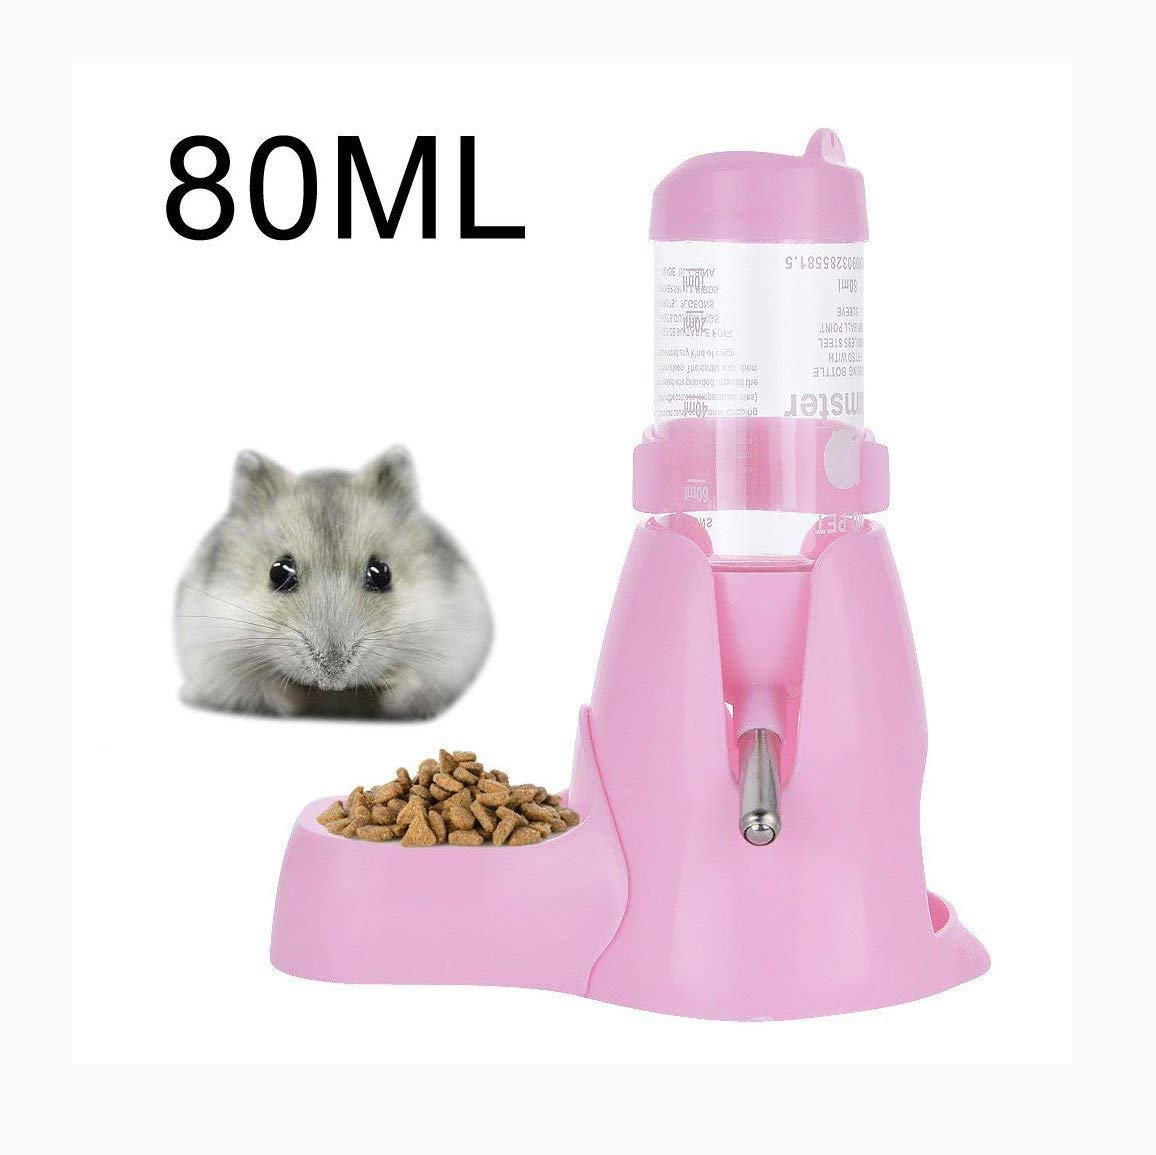 ThreeCat Pet Bouteille d'eau Pet Gourde avec 80MLCabine de Base de Nourriture pour Les Hamsters Rats Guinea-Pigs furets Lapins Petits Animaux à Suspendre à l'eau biberon Distributeur Automatique